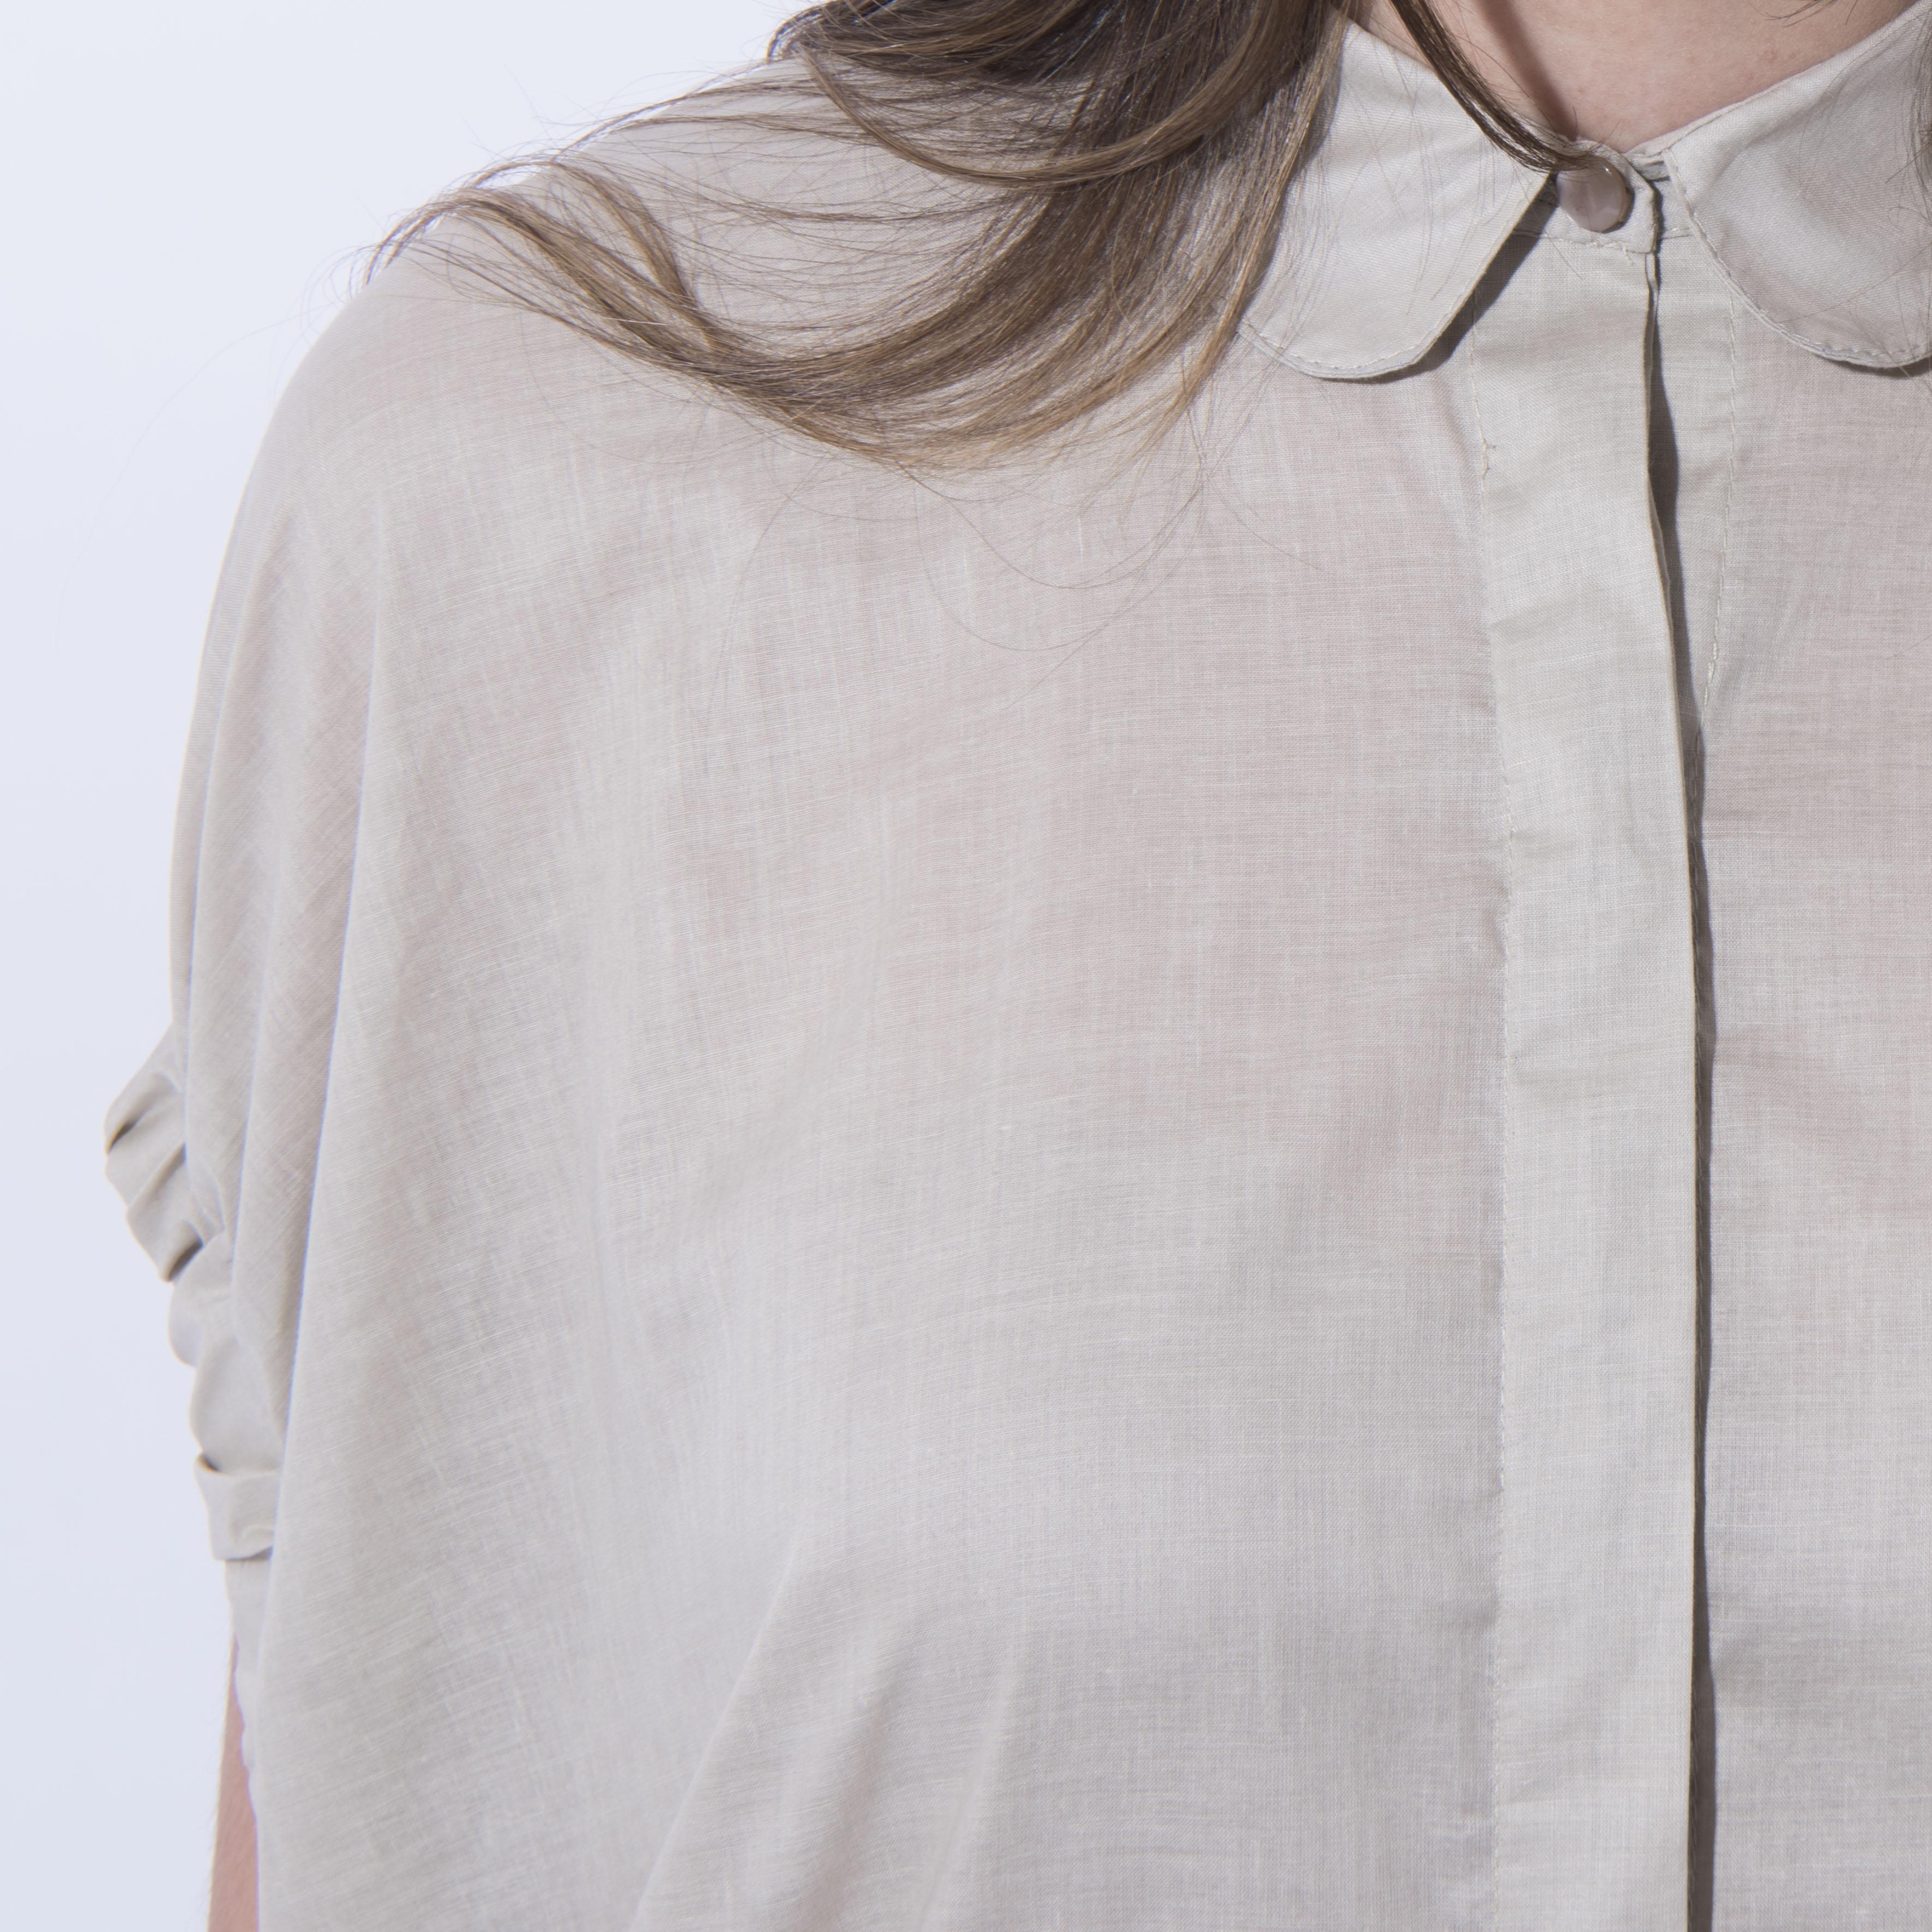 Camisola FRIDA - color crudo